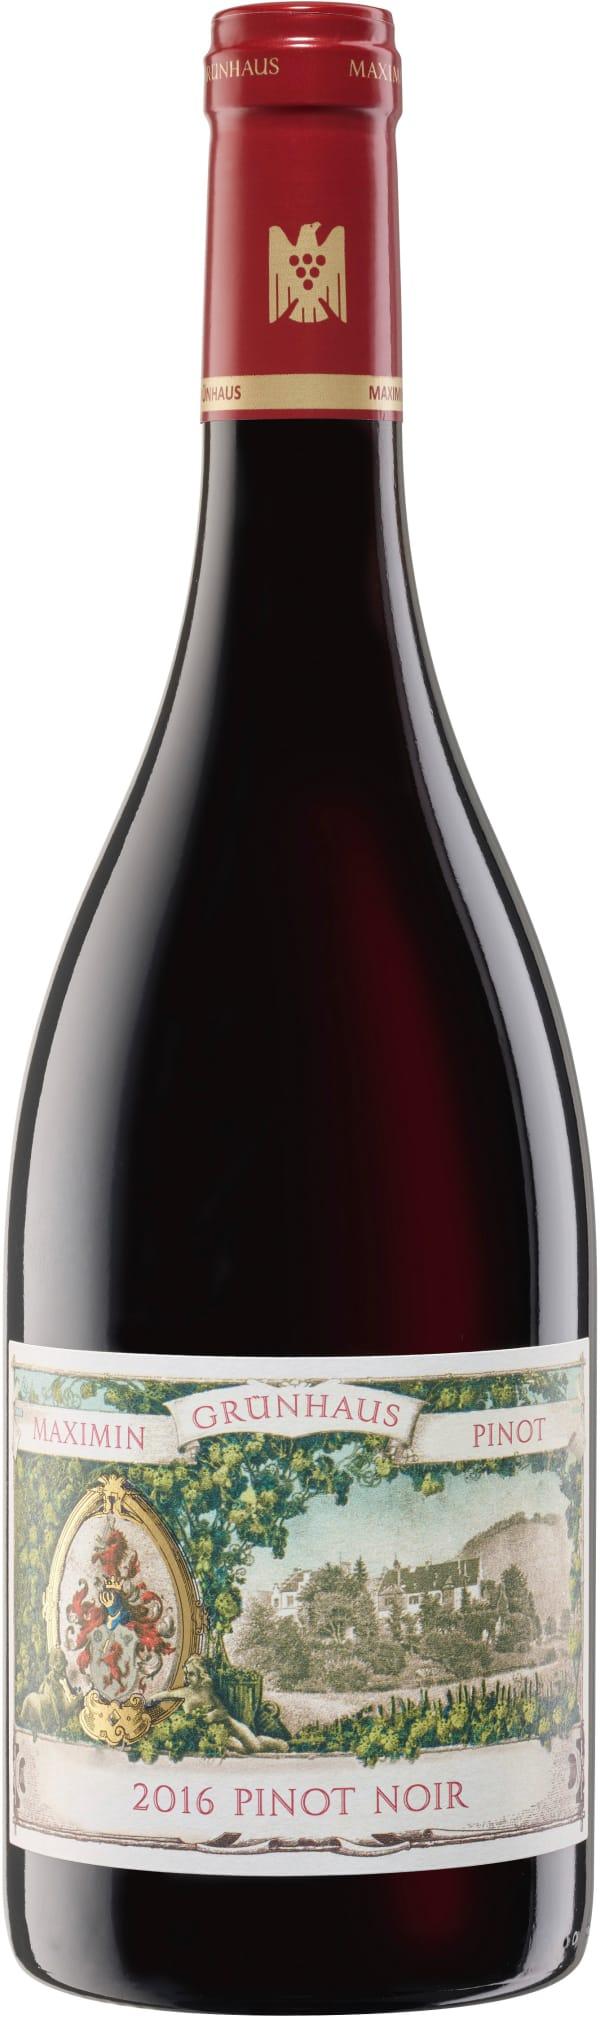 Maximin Grünhaus Pinot Noir 2016